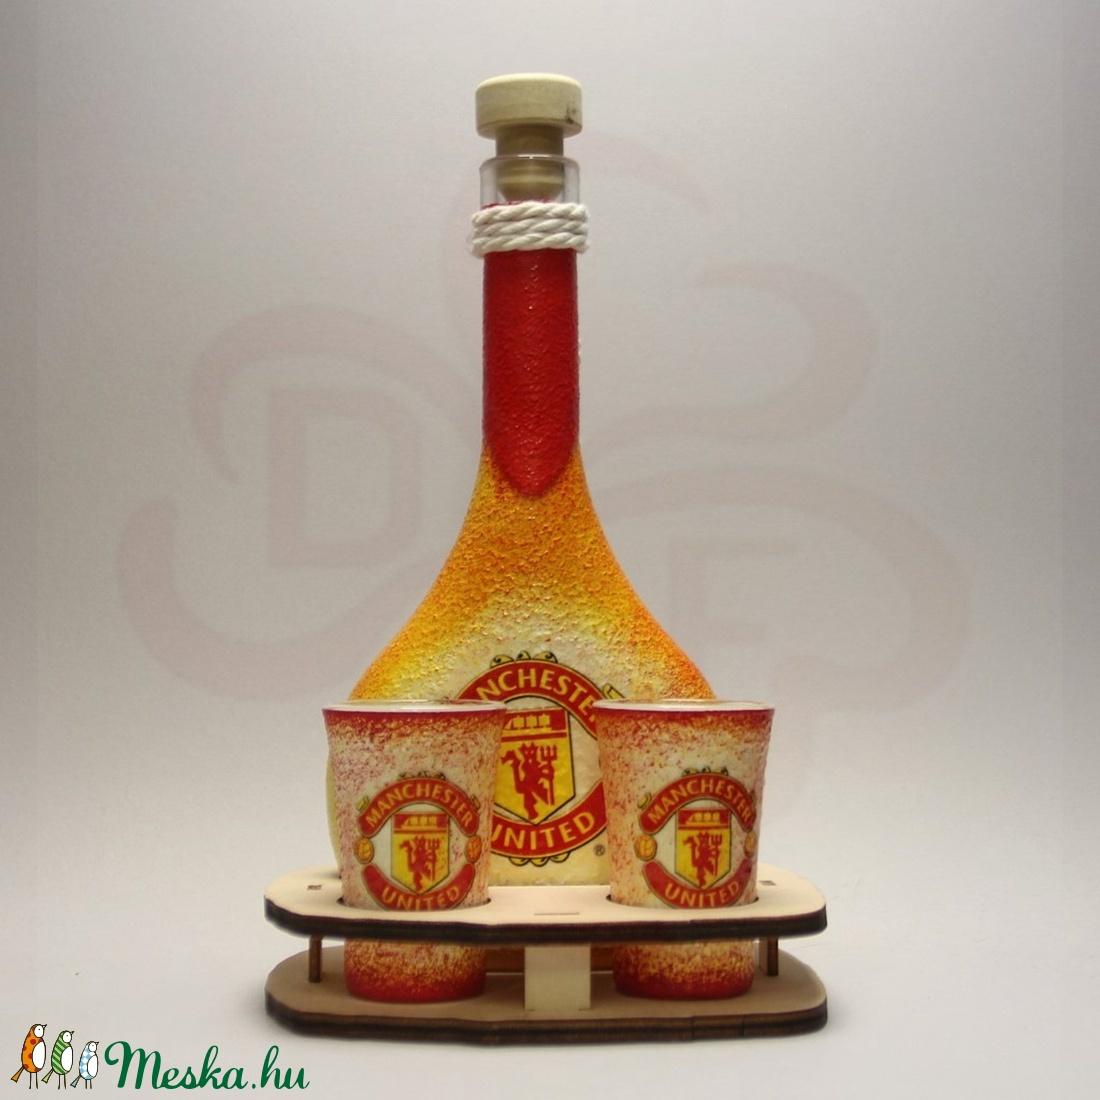 Manchester United italos szett; futball szurkolóknak, születésnapra, névnapra, karácsonyra - Meska.hu